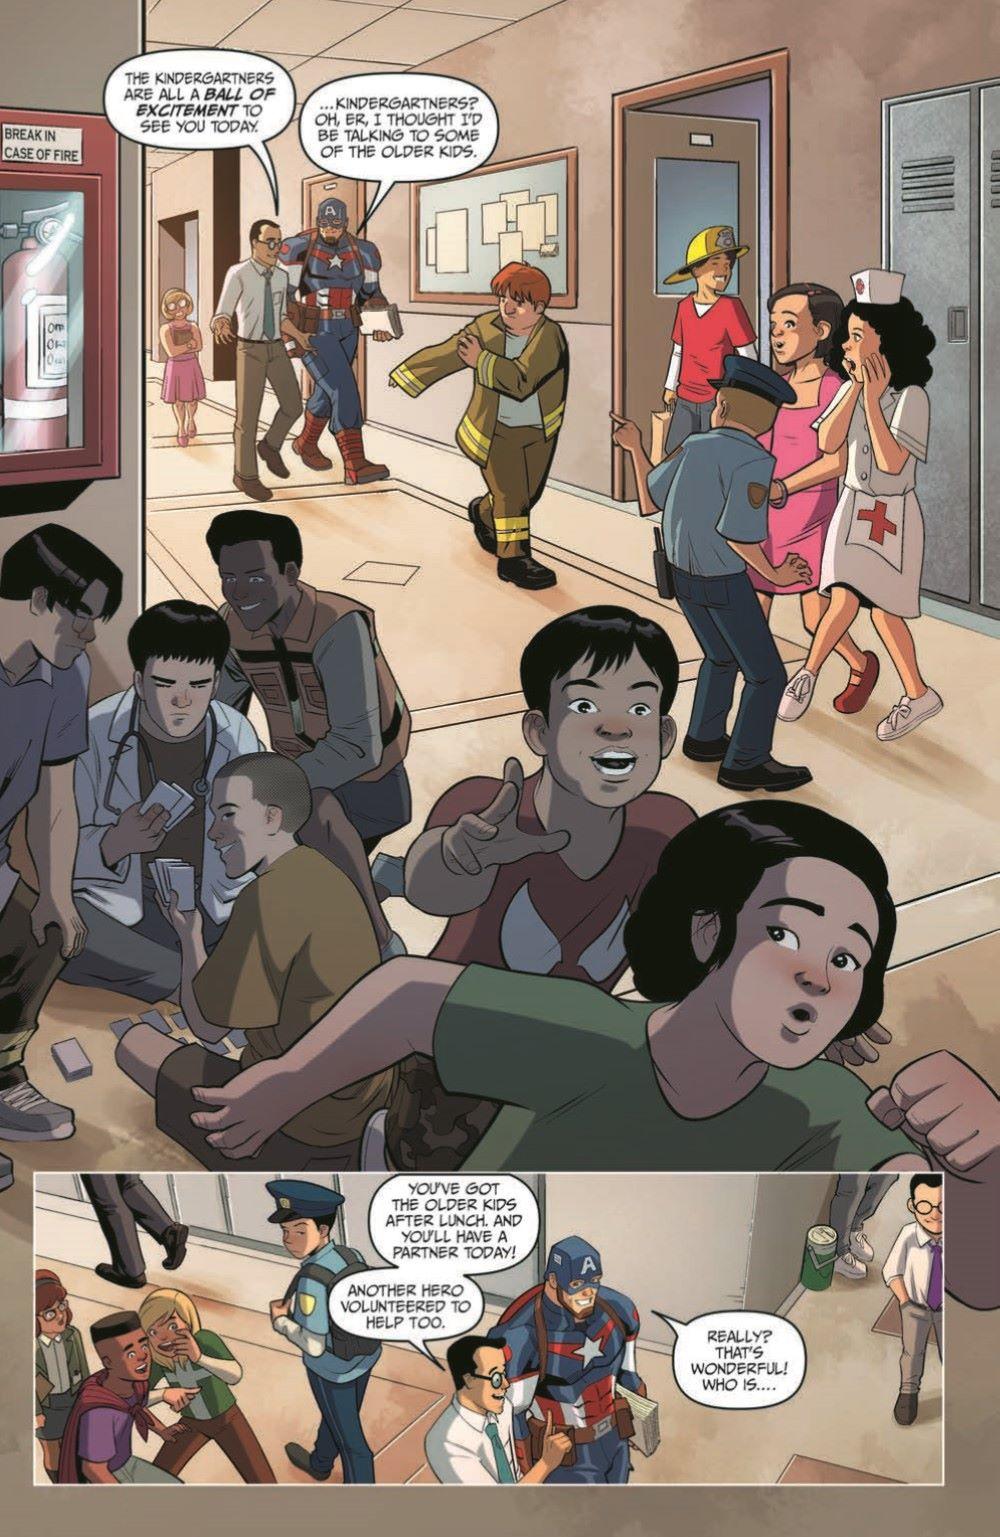 Marvel_Avengers_02_pr-4 ComicList Previews: MARVEL ACTION AVENGERS VOLUME 2 #2